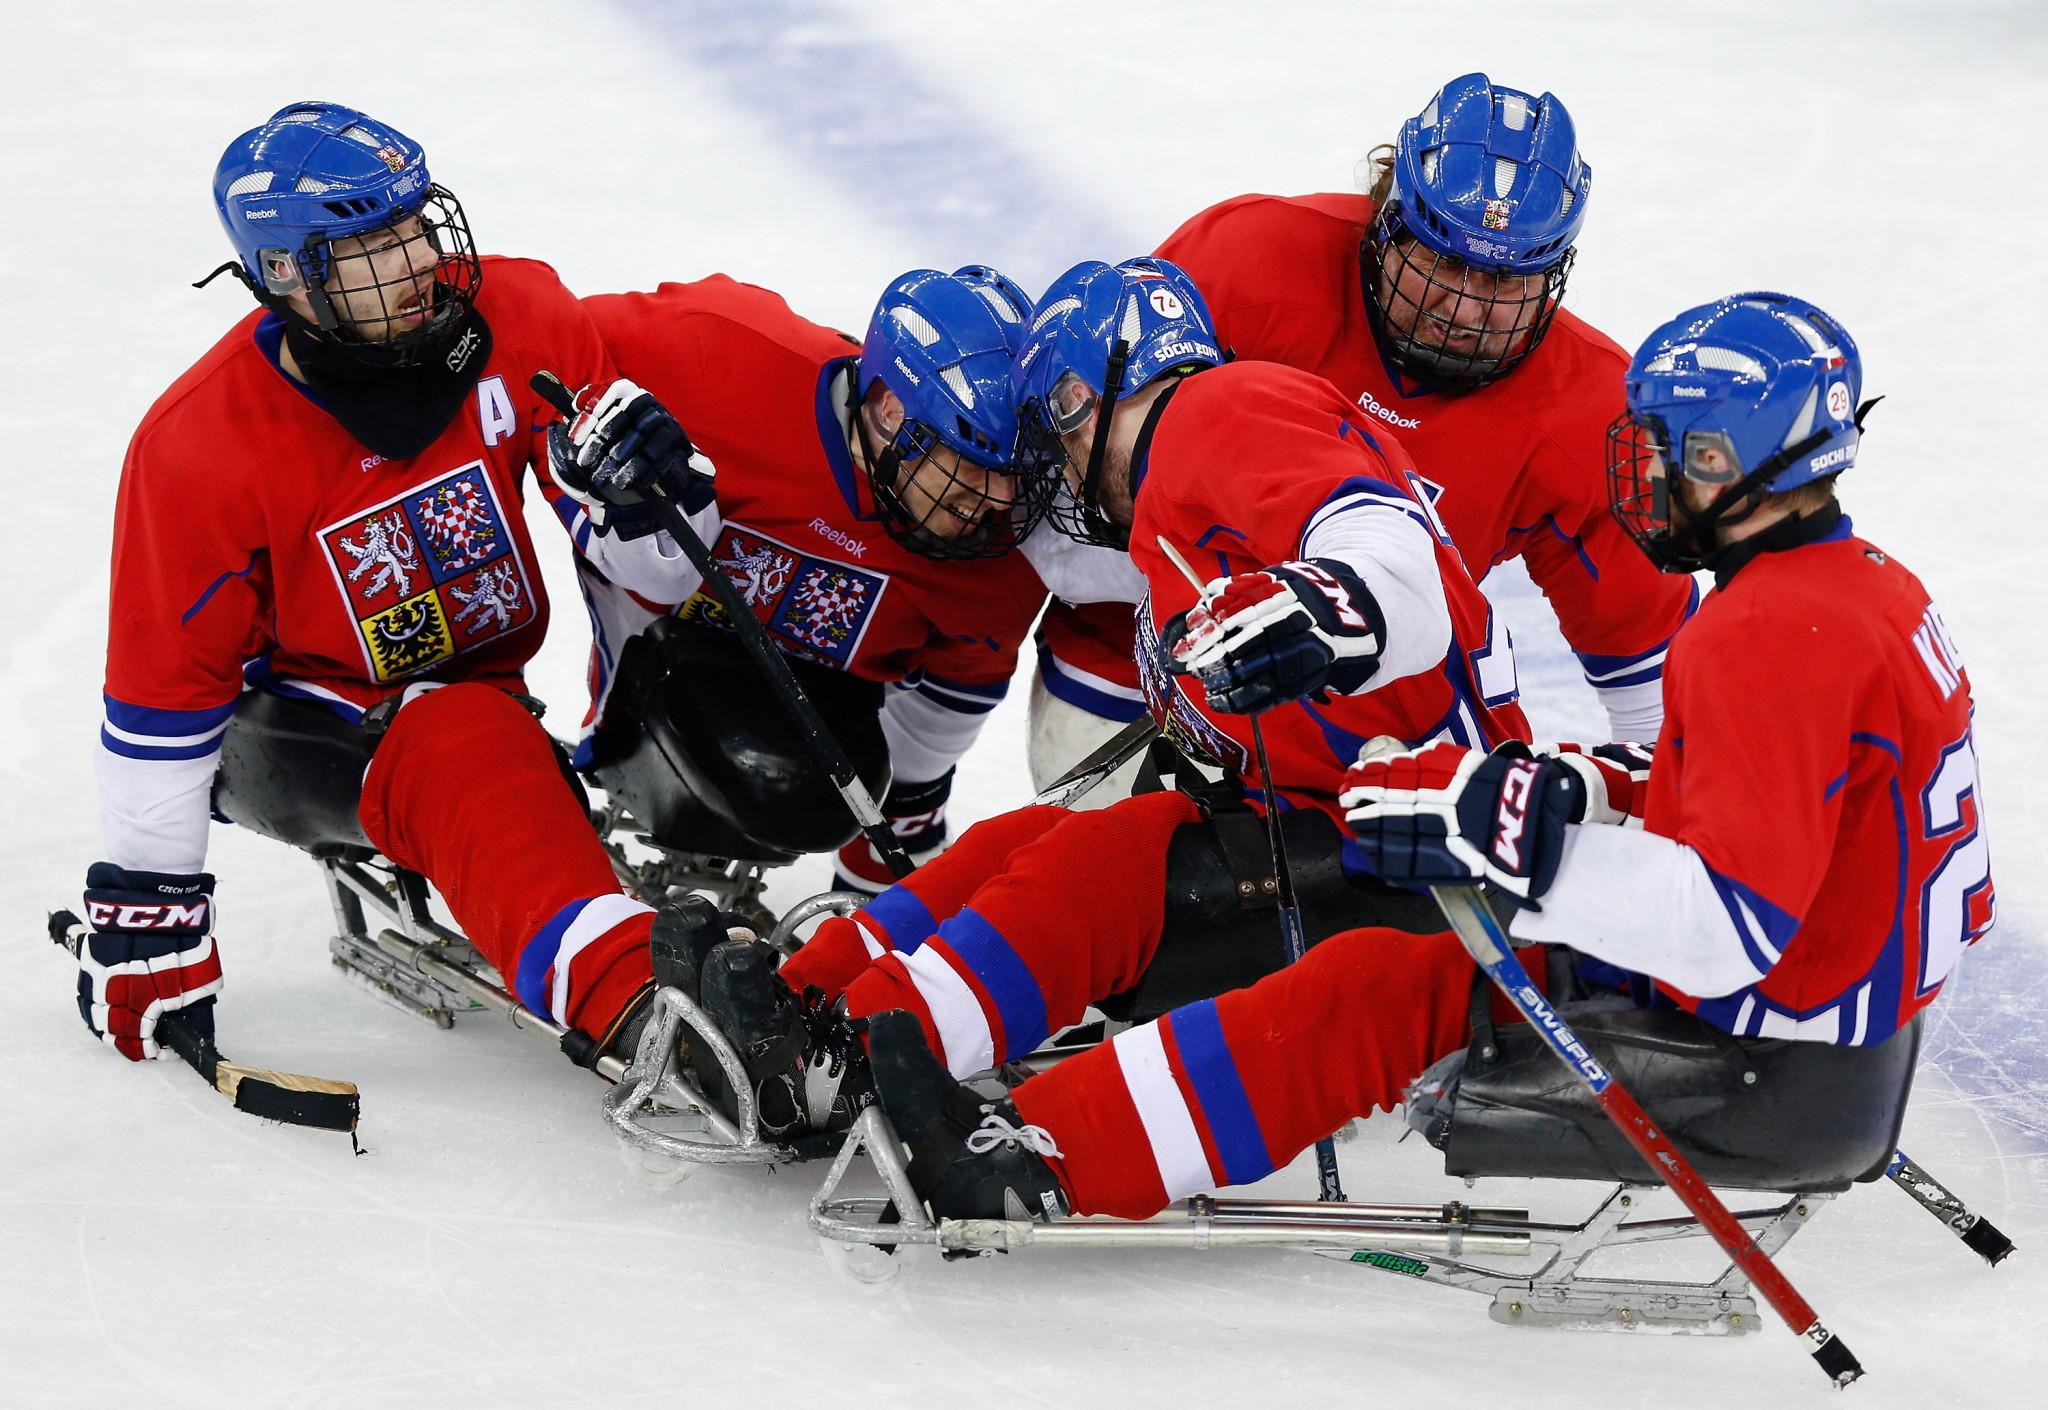 Ostrava to host 2019 World Para Ice Hockey Championships